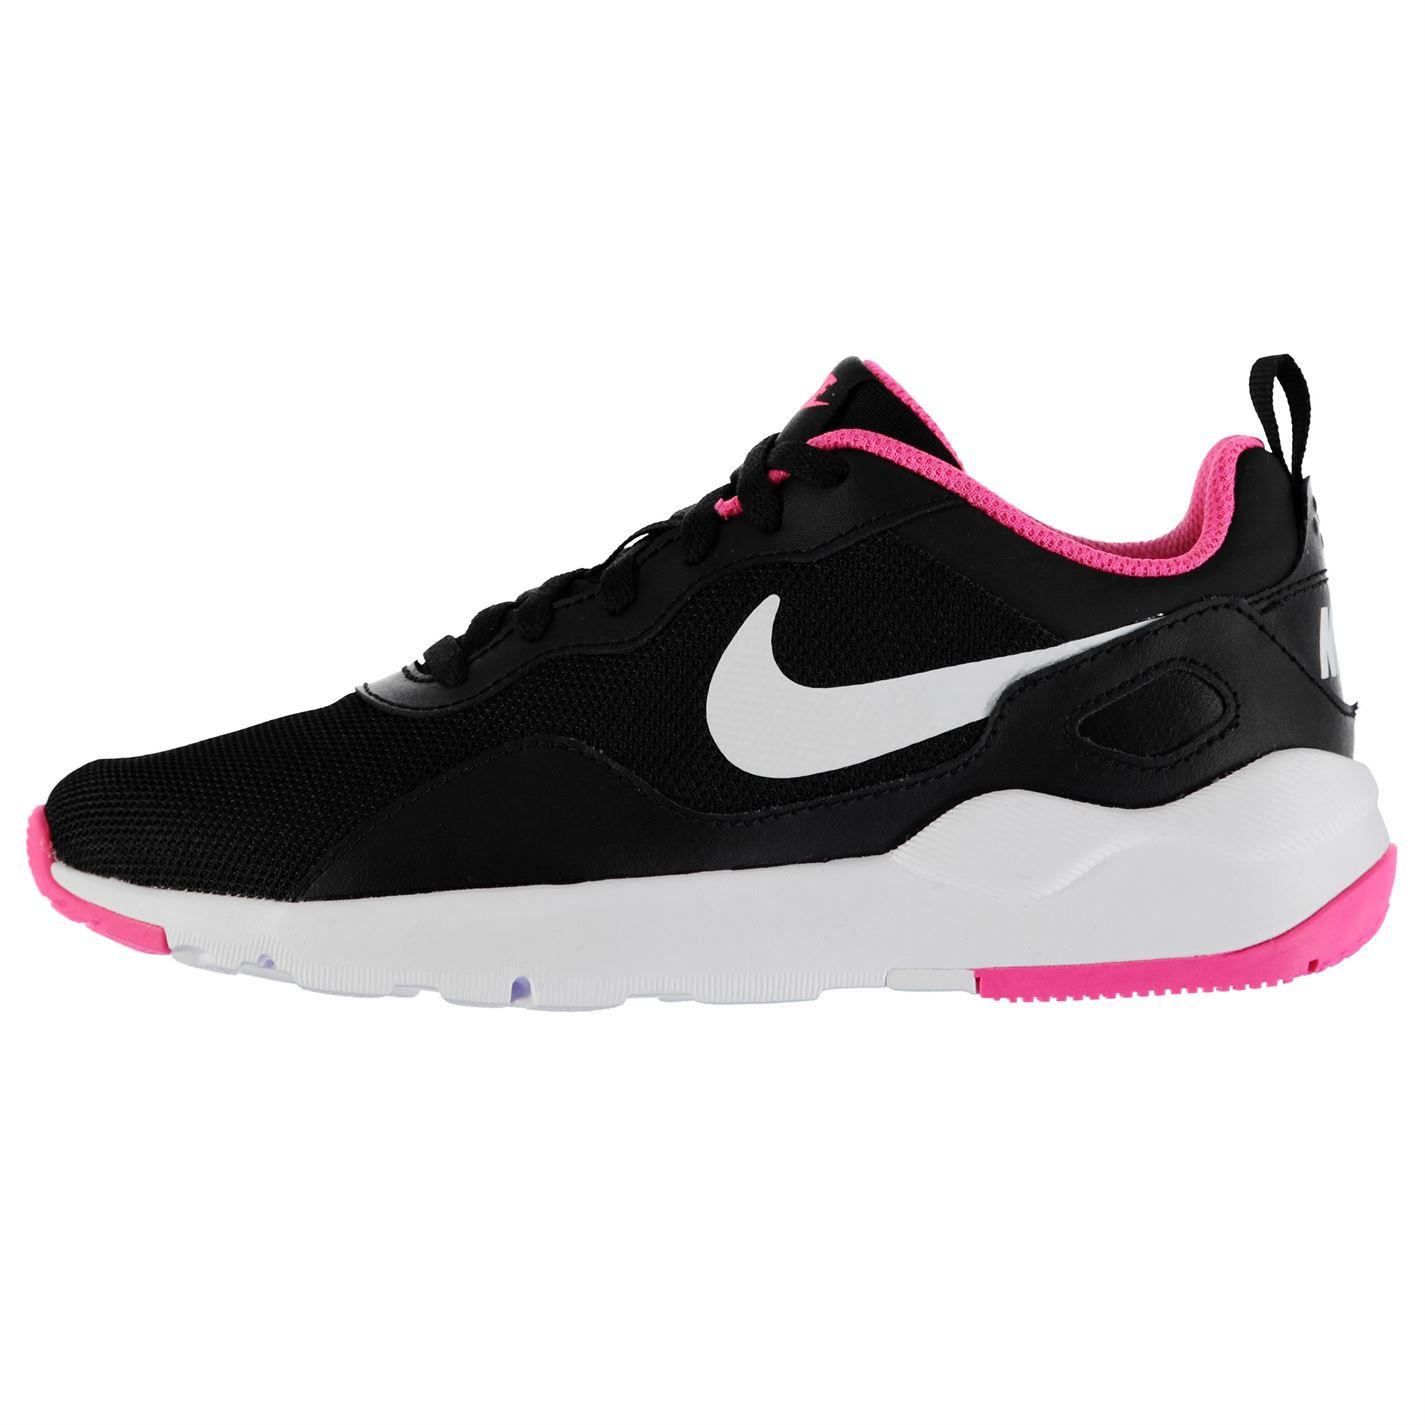 Nike LD Runner Dívčí tenisky. Nike LD Runner Dívčí tenisky  Nike LD Runner  Dívčí tenisky a980c391bd